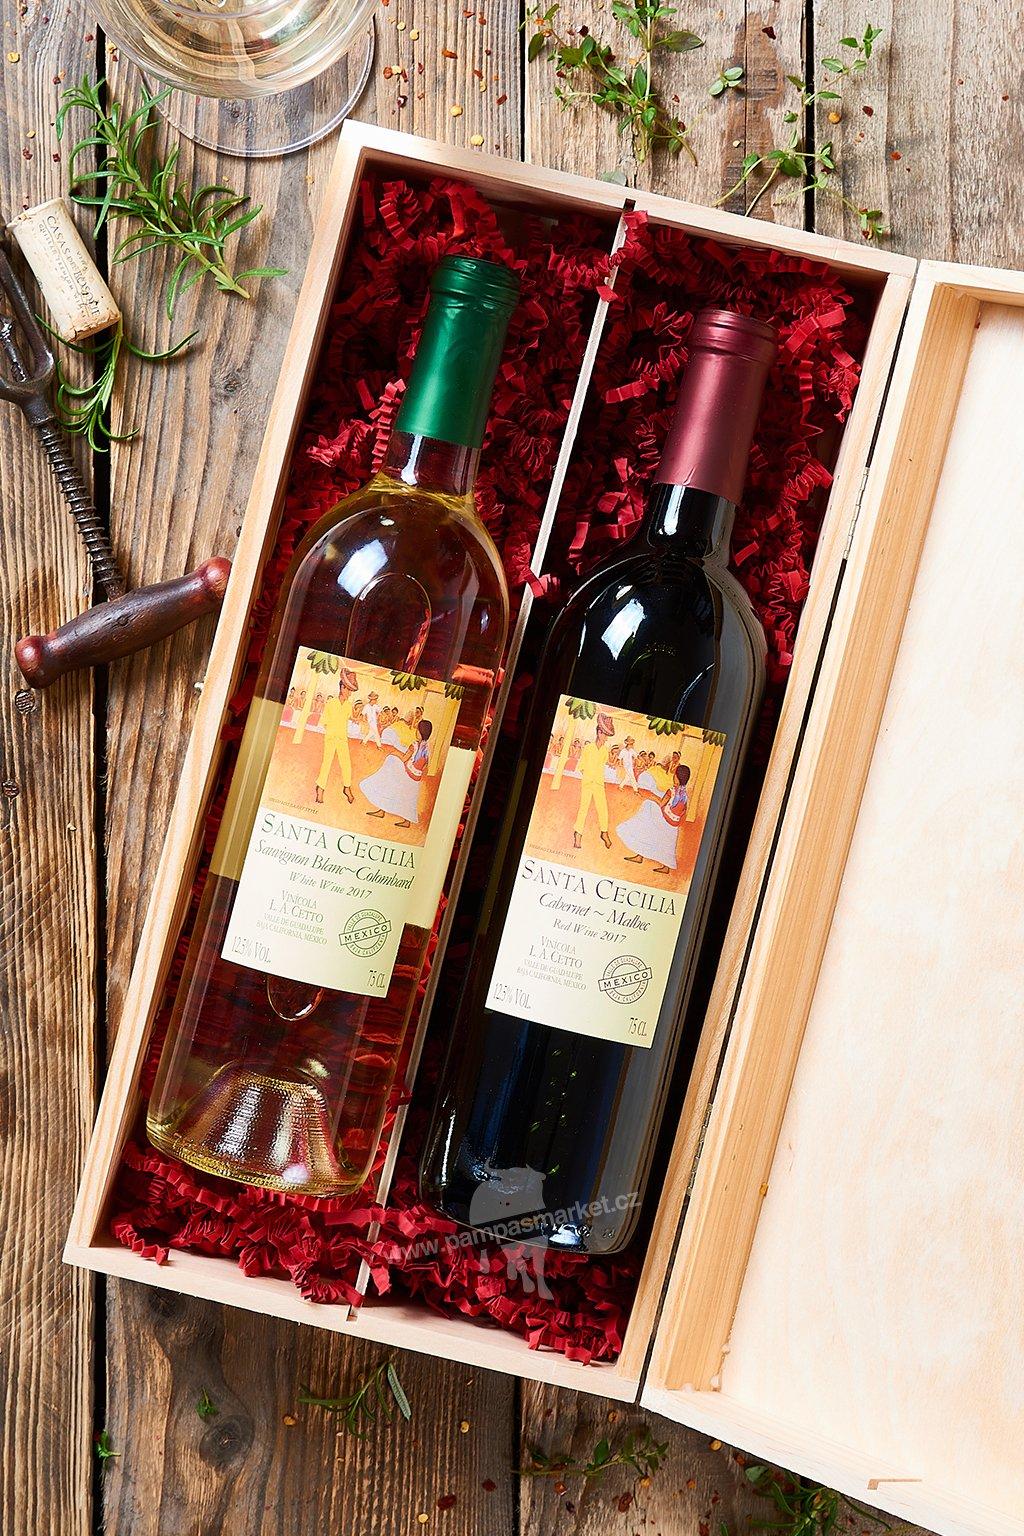 santacecilia box 1024x1536